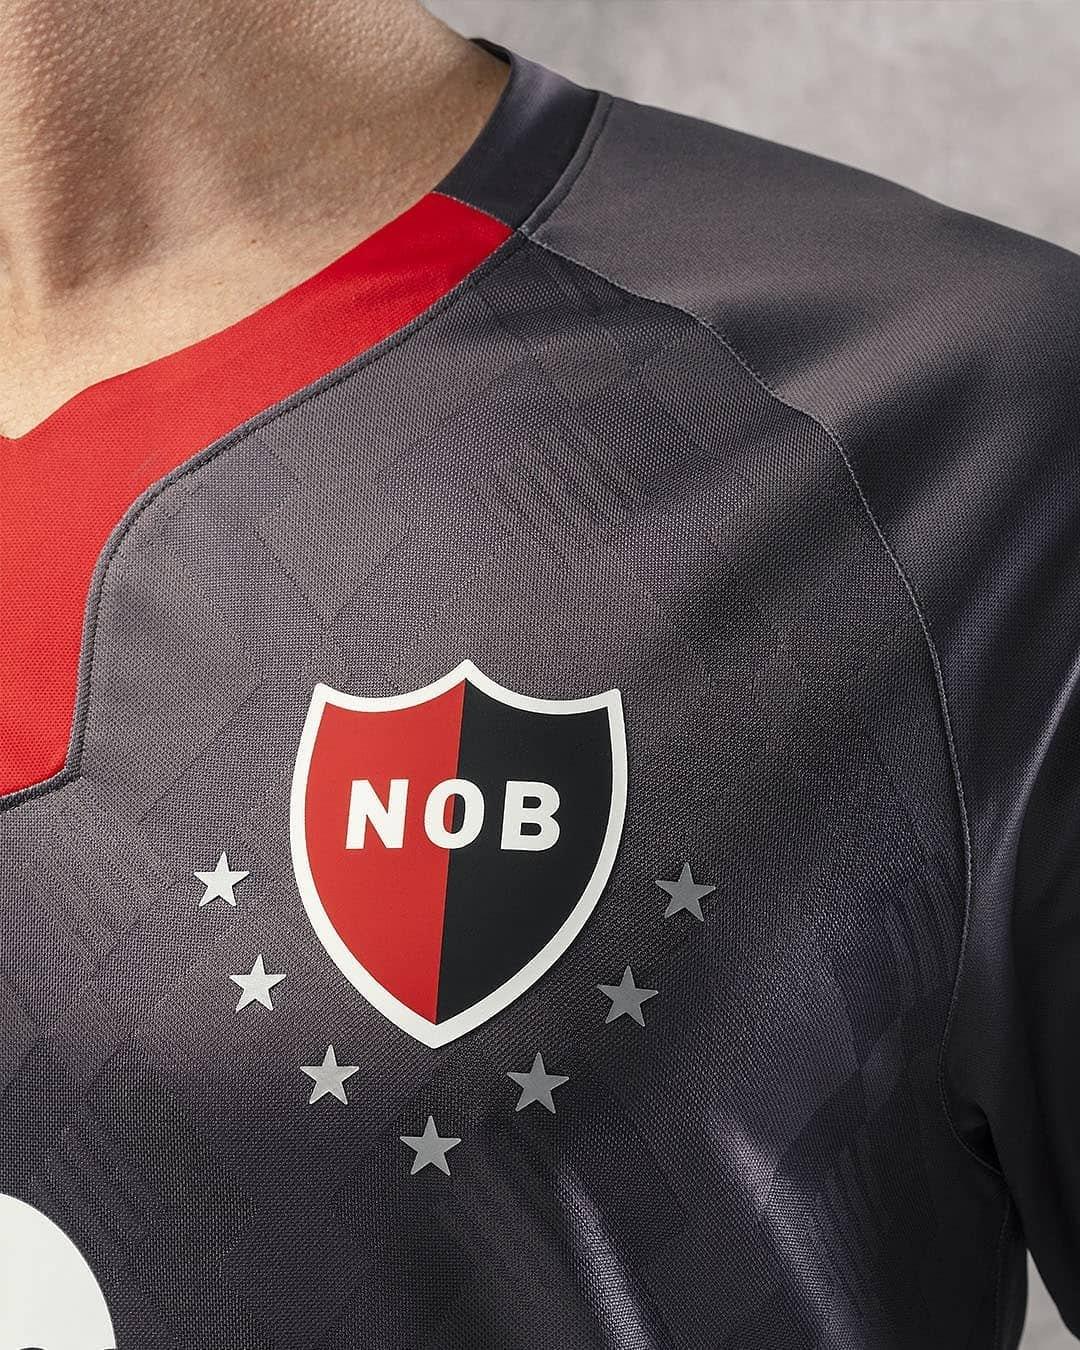 Tercera camiseta de Newell's 2020/21 | Imagen Umbro